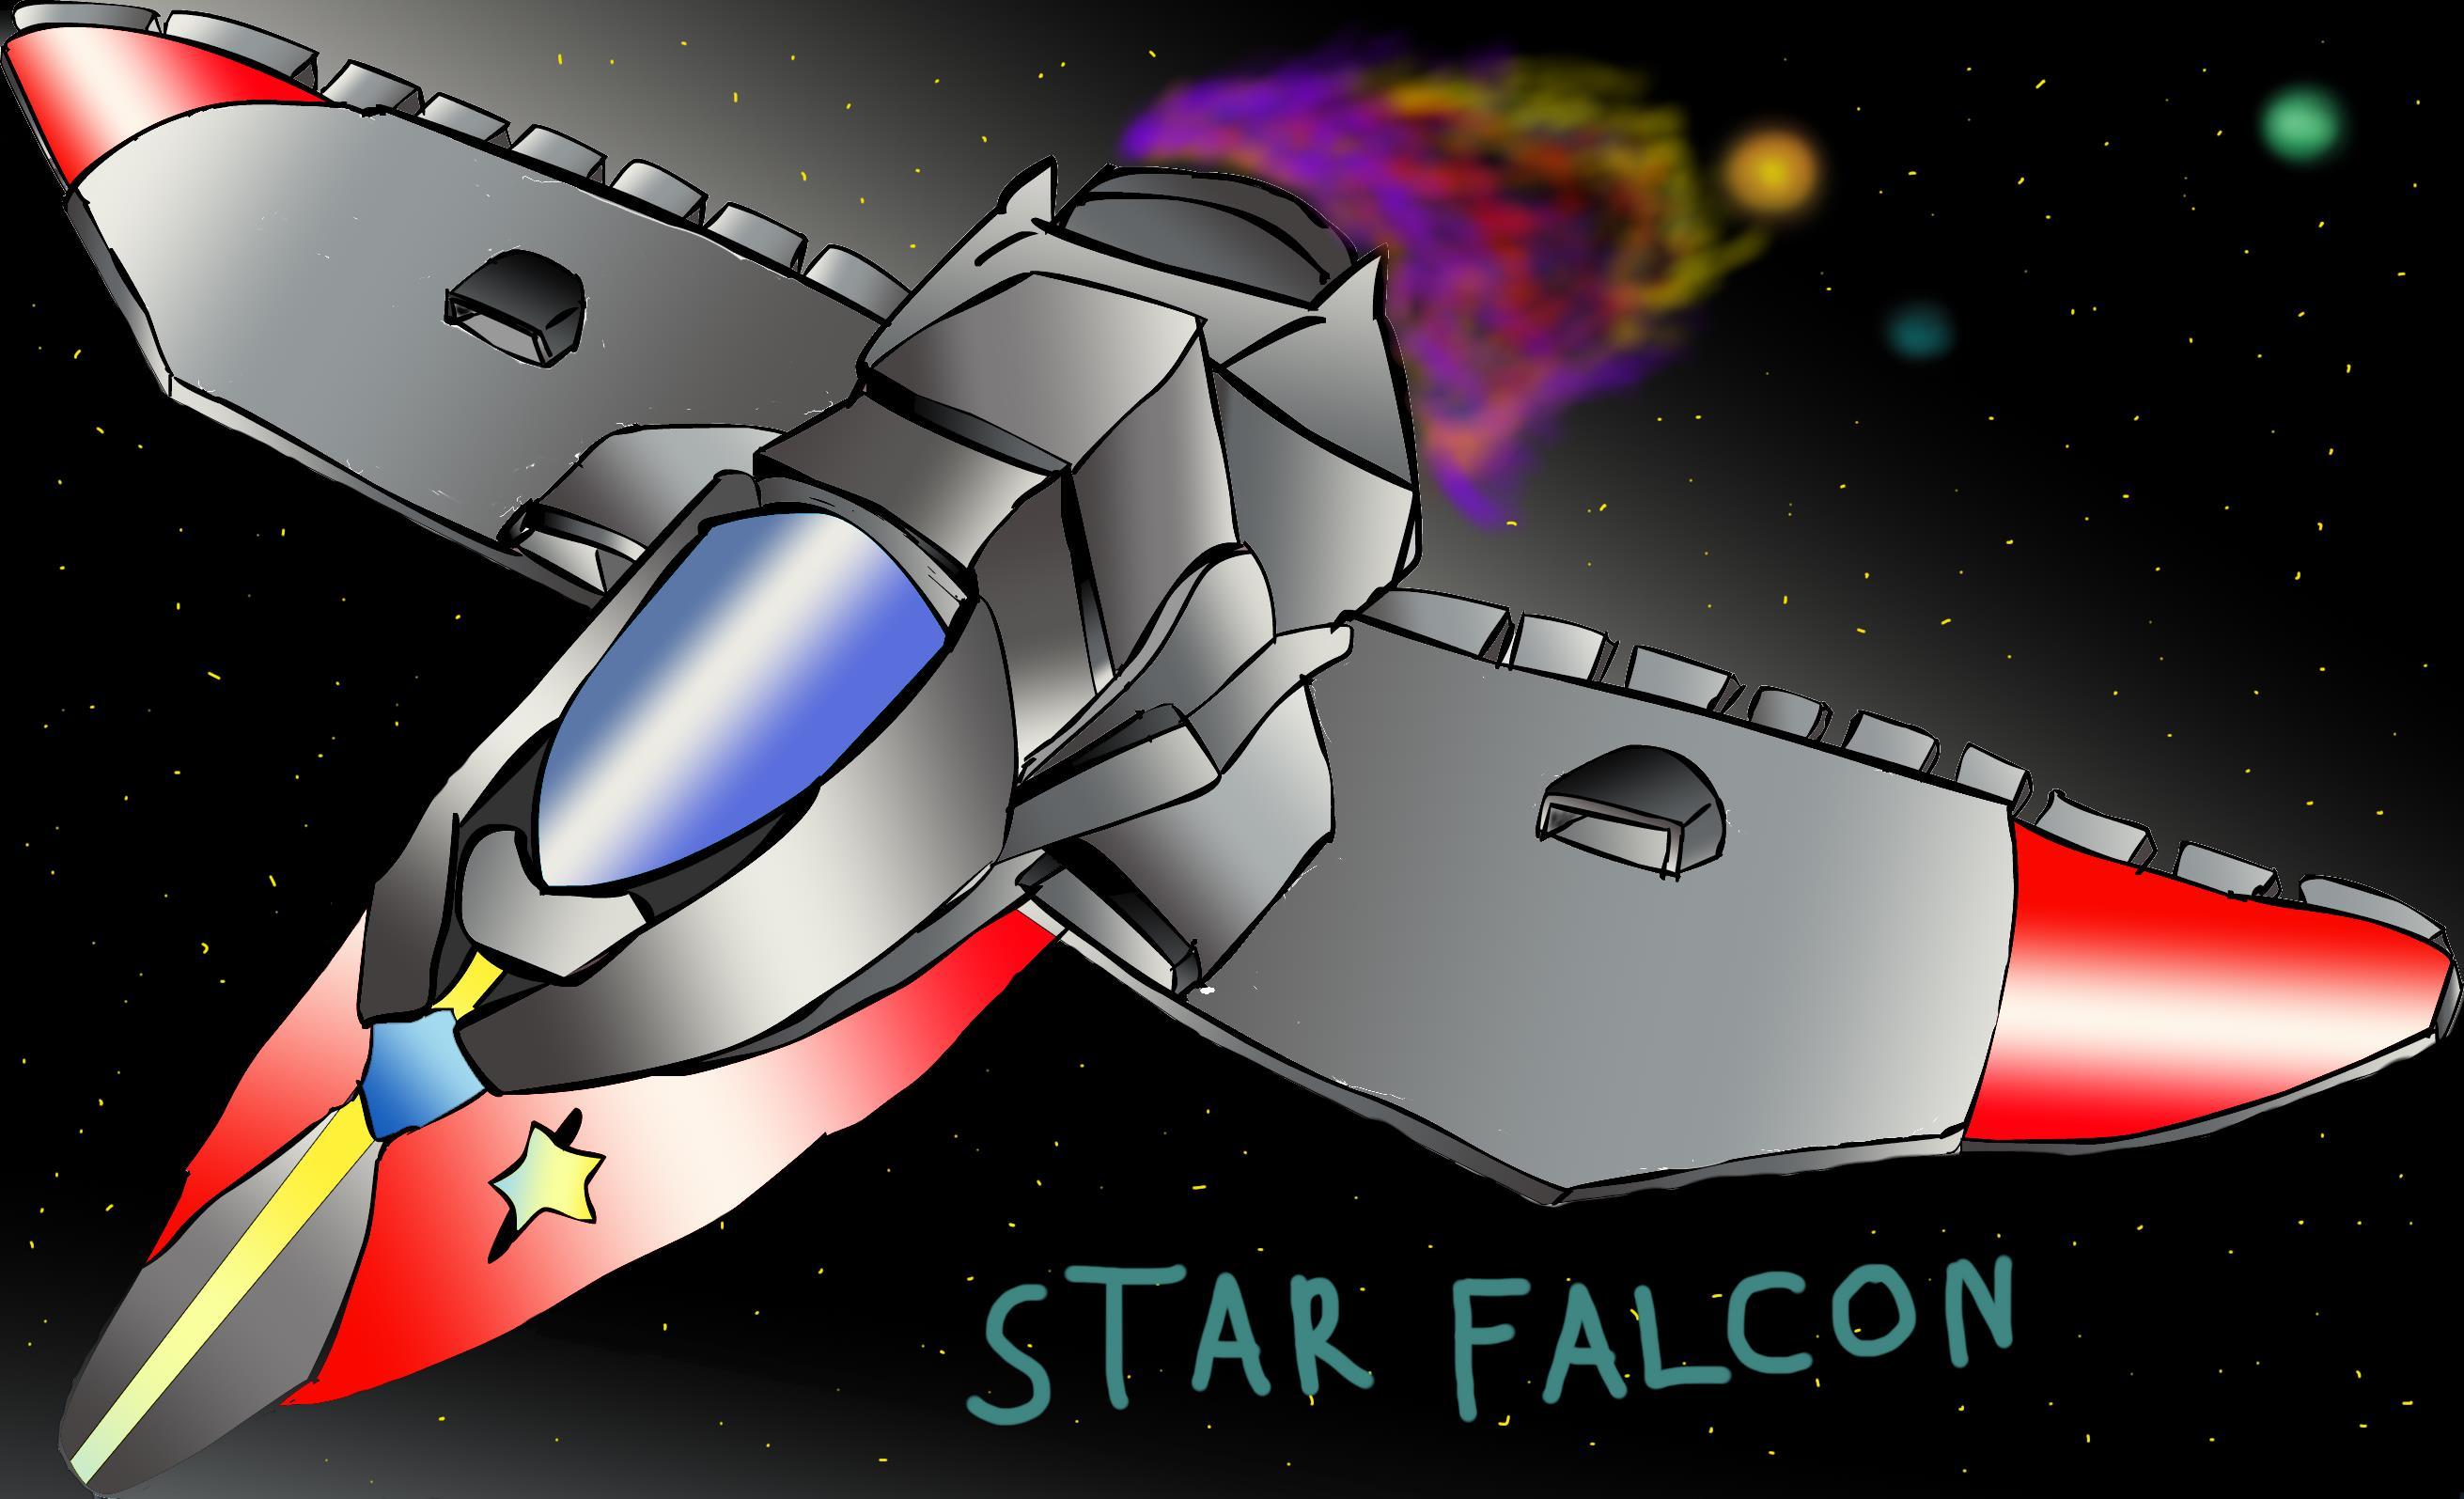 Star Falcon